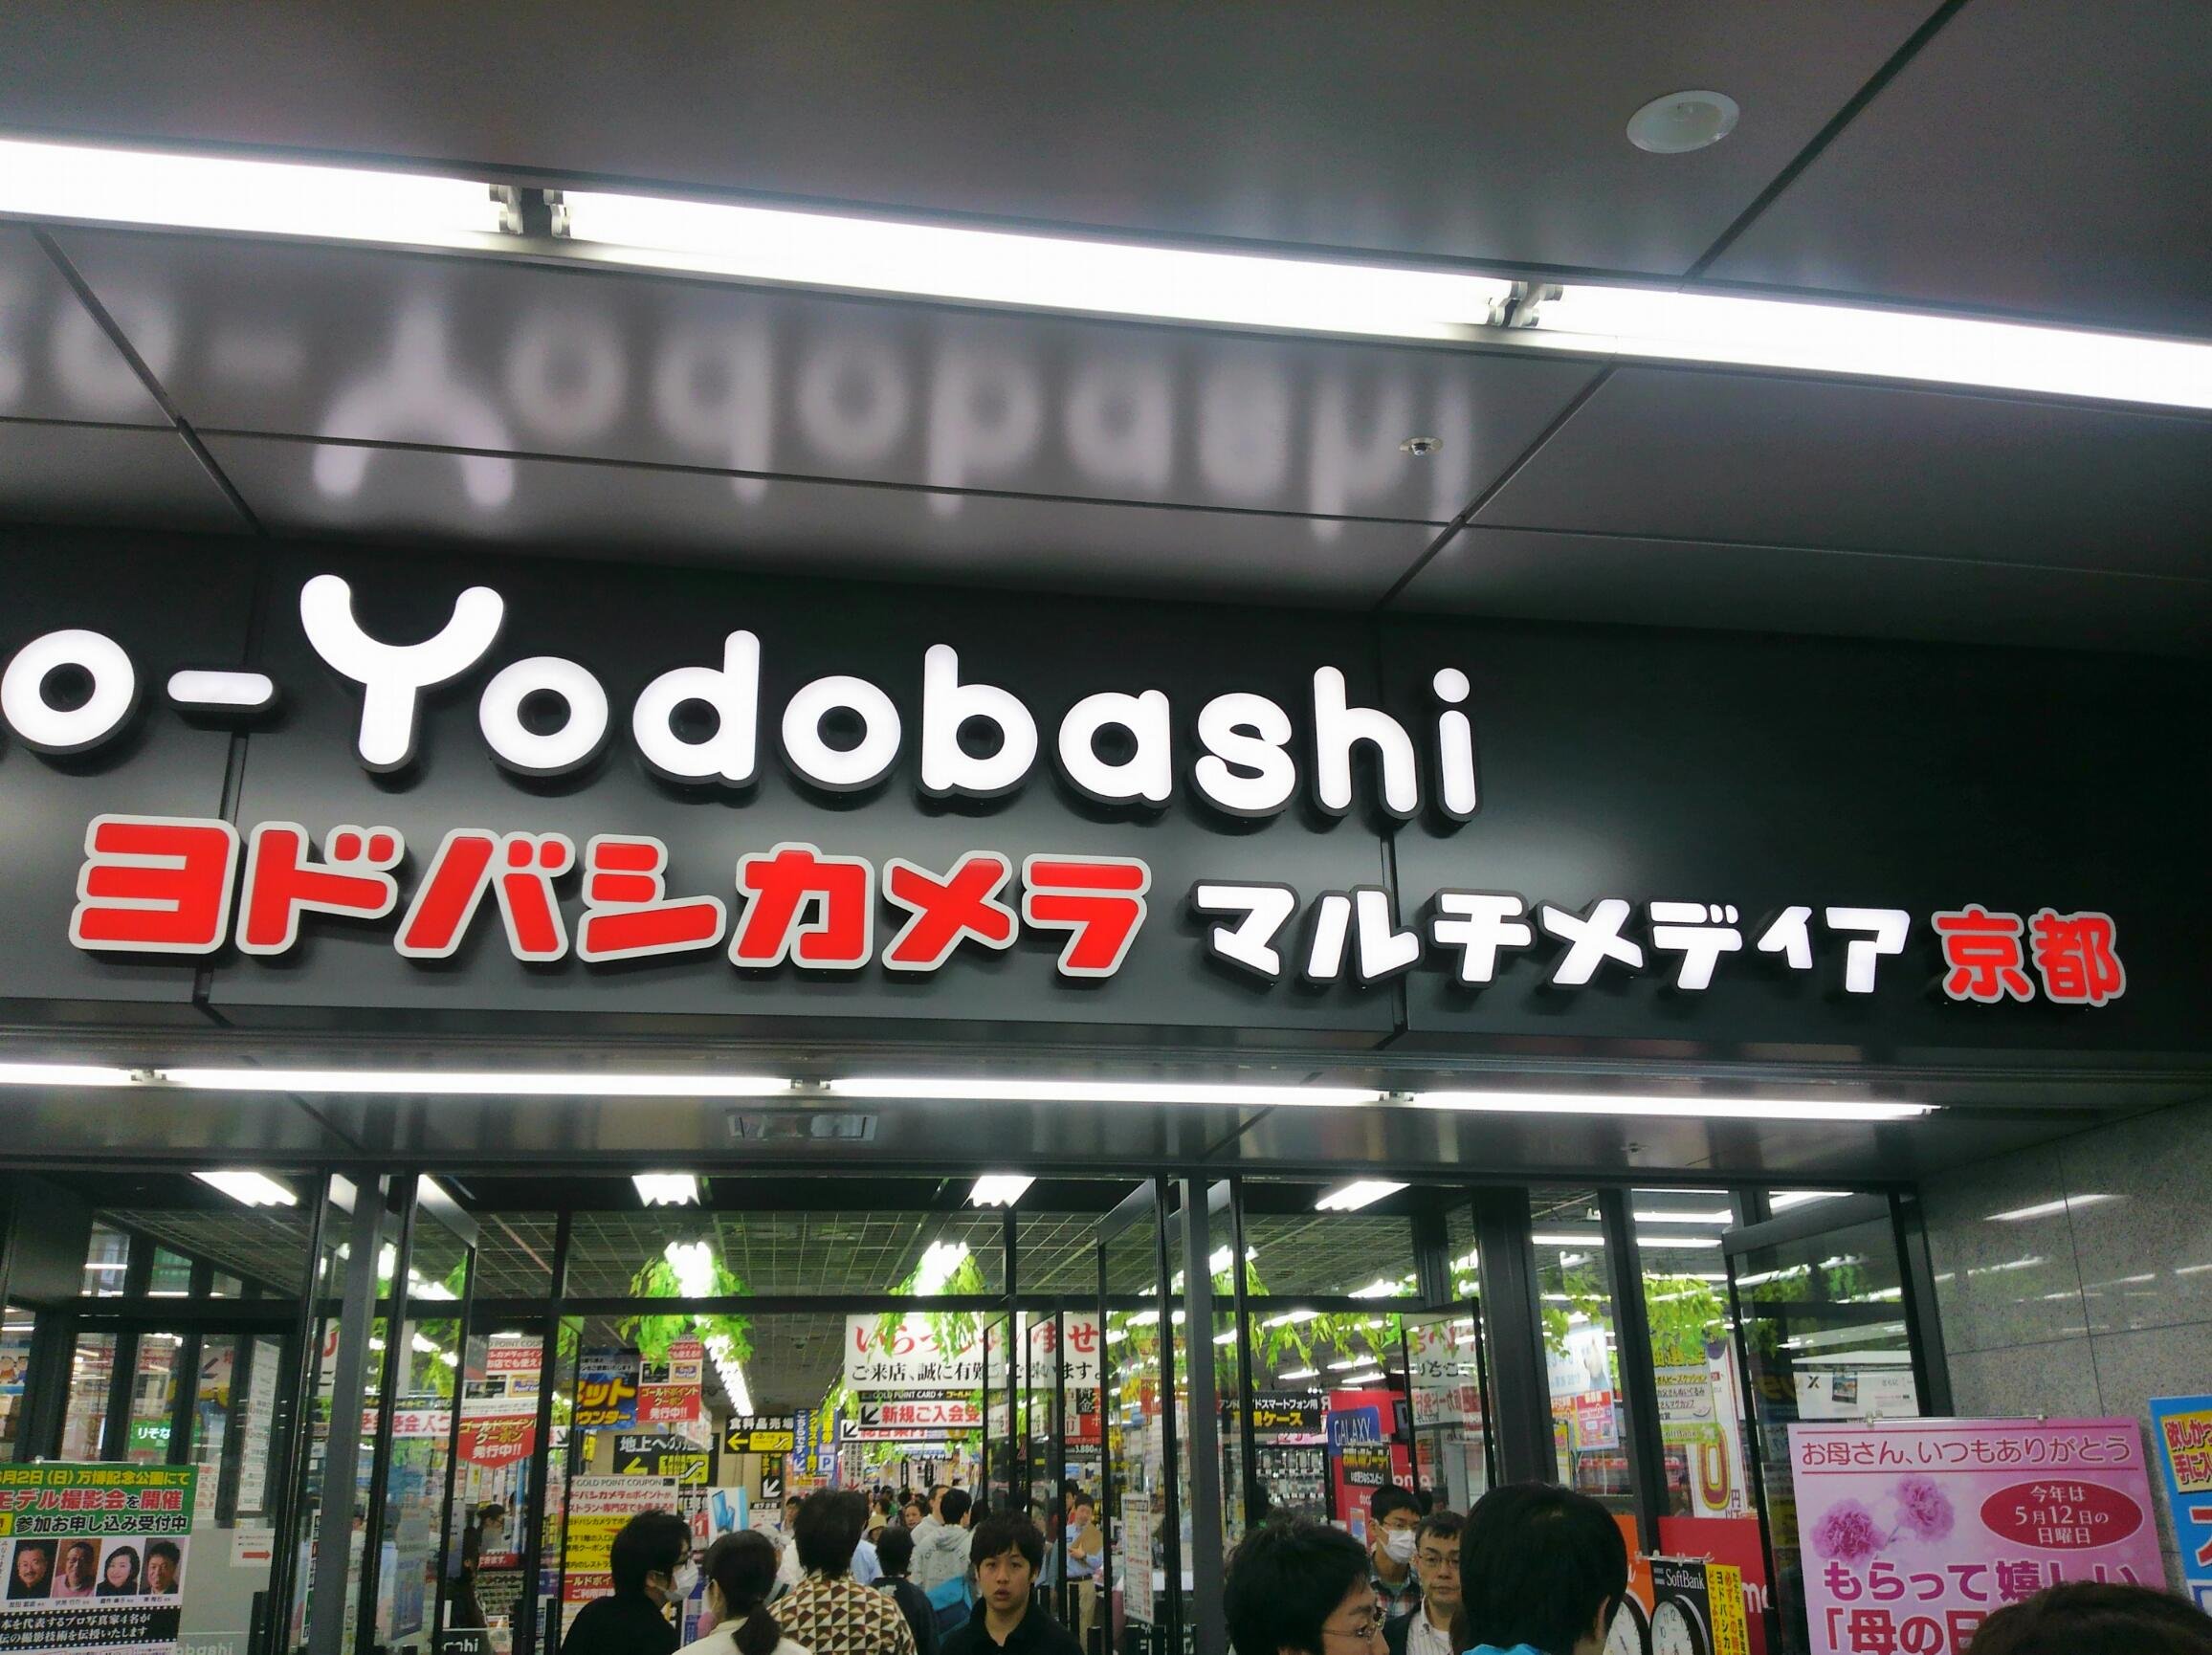 京都ヨドバシにて下見